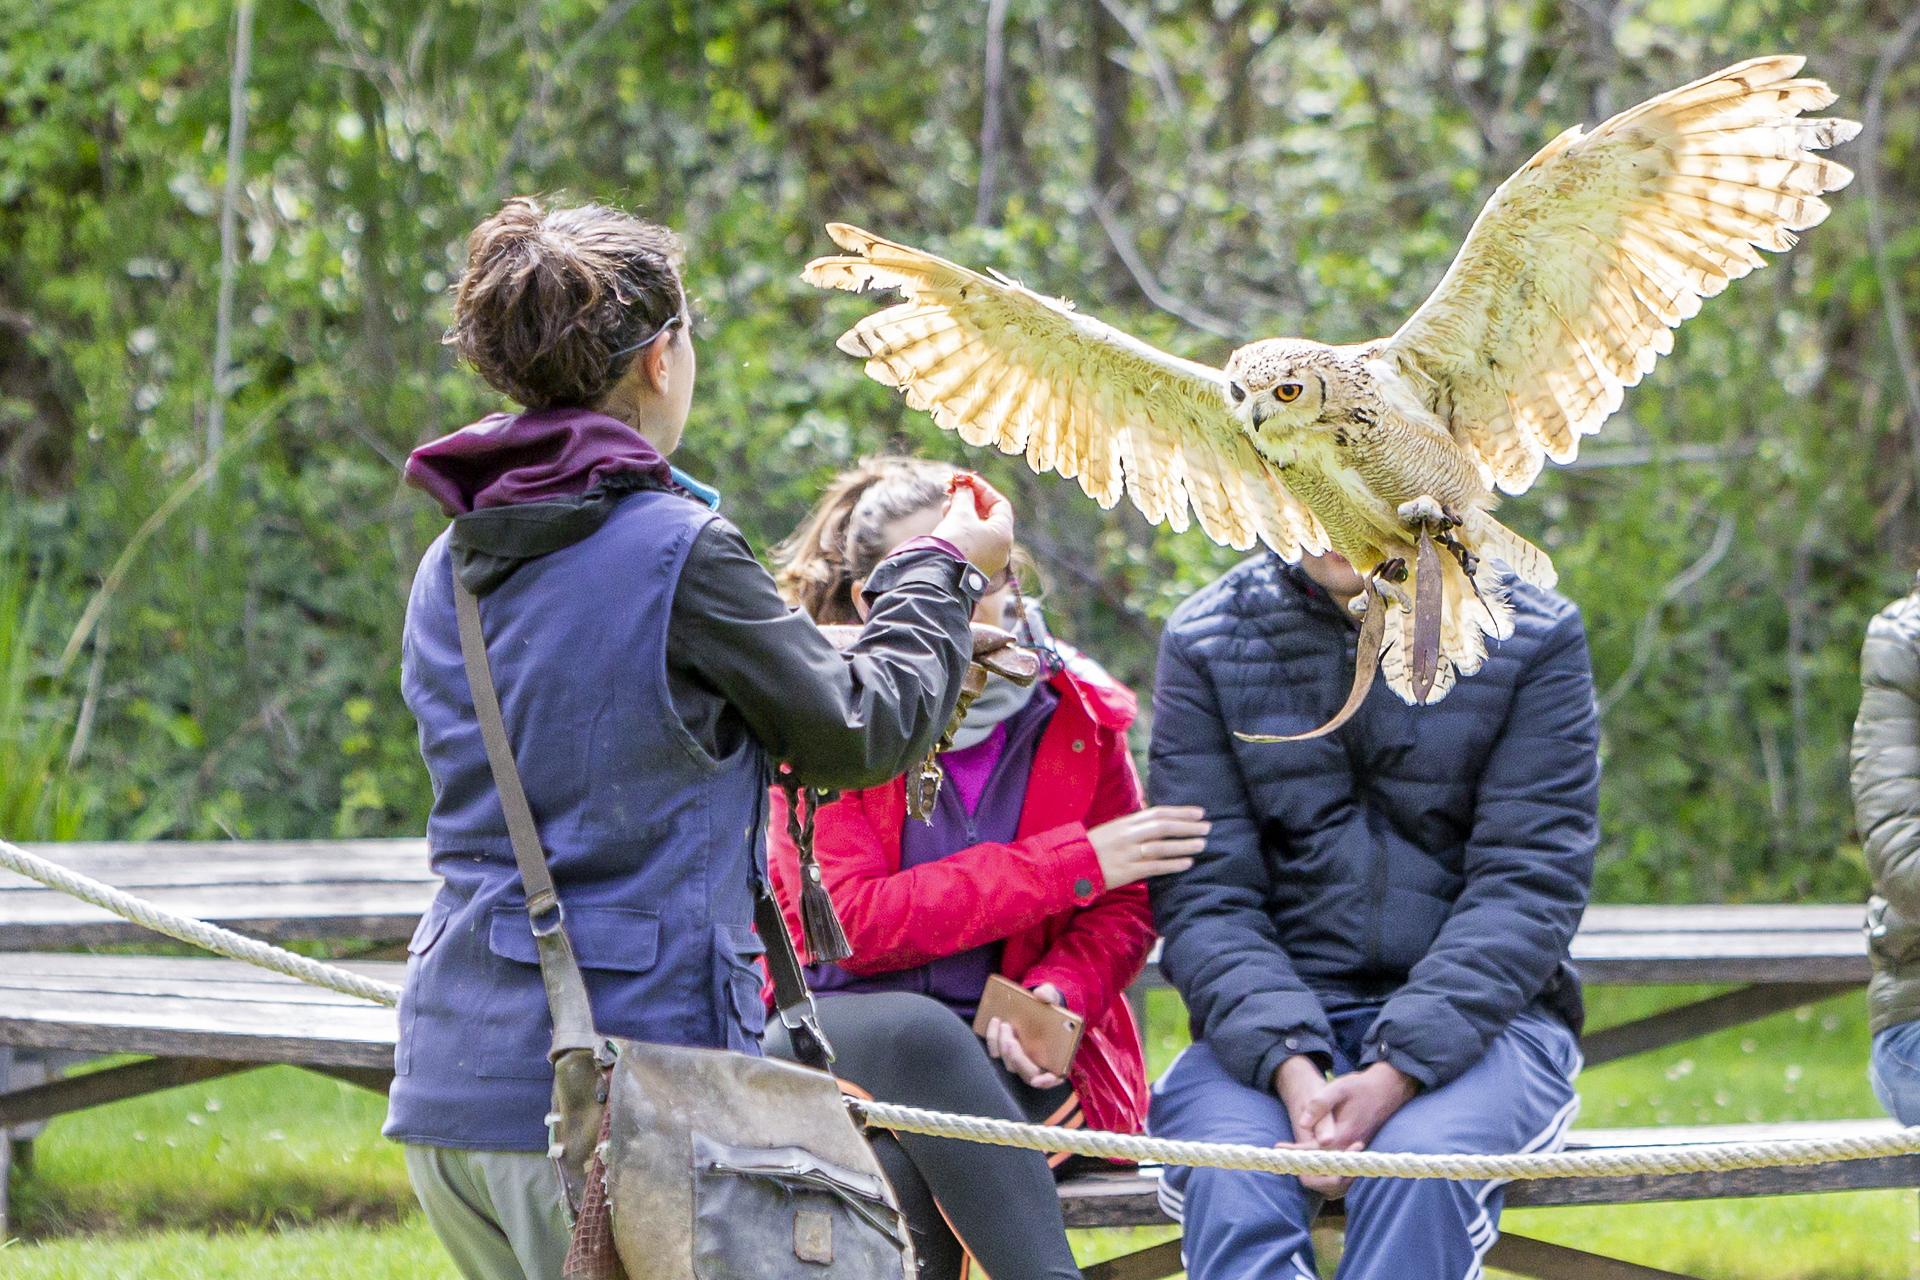 La exhibición de aves rapaces, otro plan para que los niños no quieran marcharse nunca del parque.